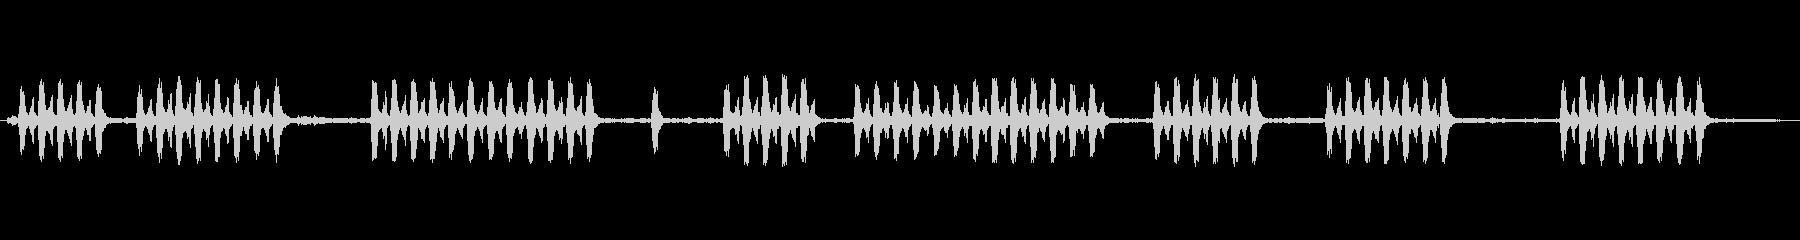 シジュウカラの未再生の波形